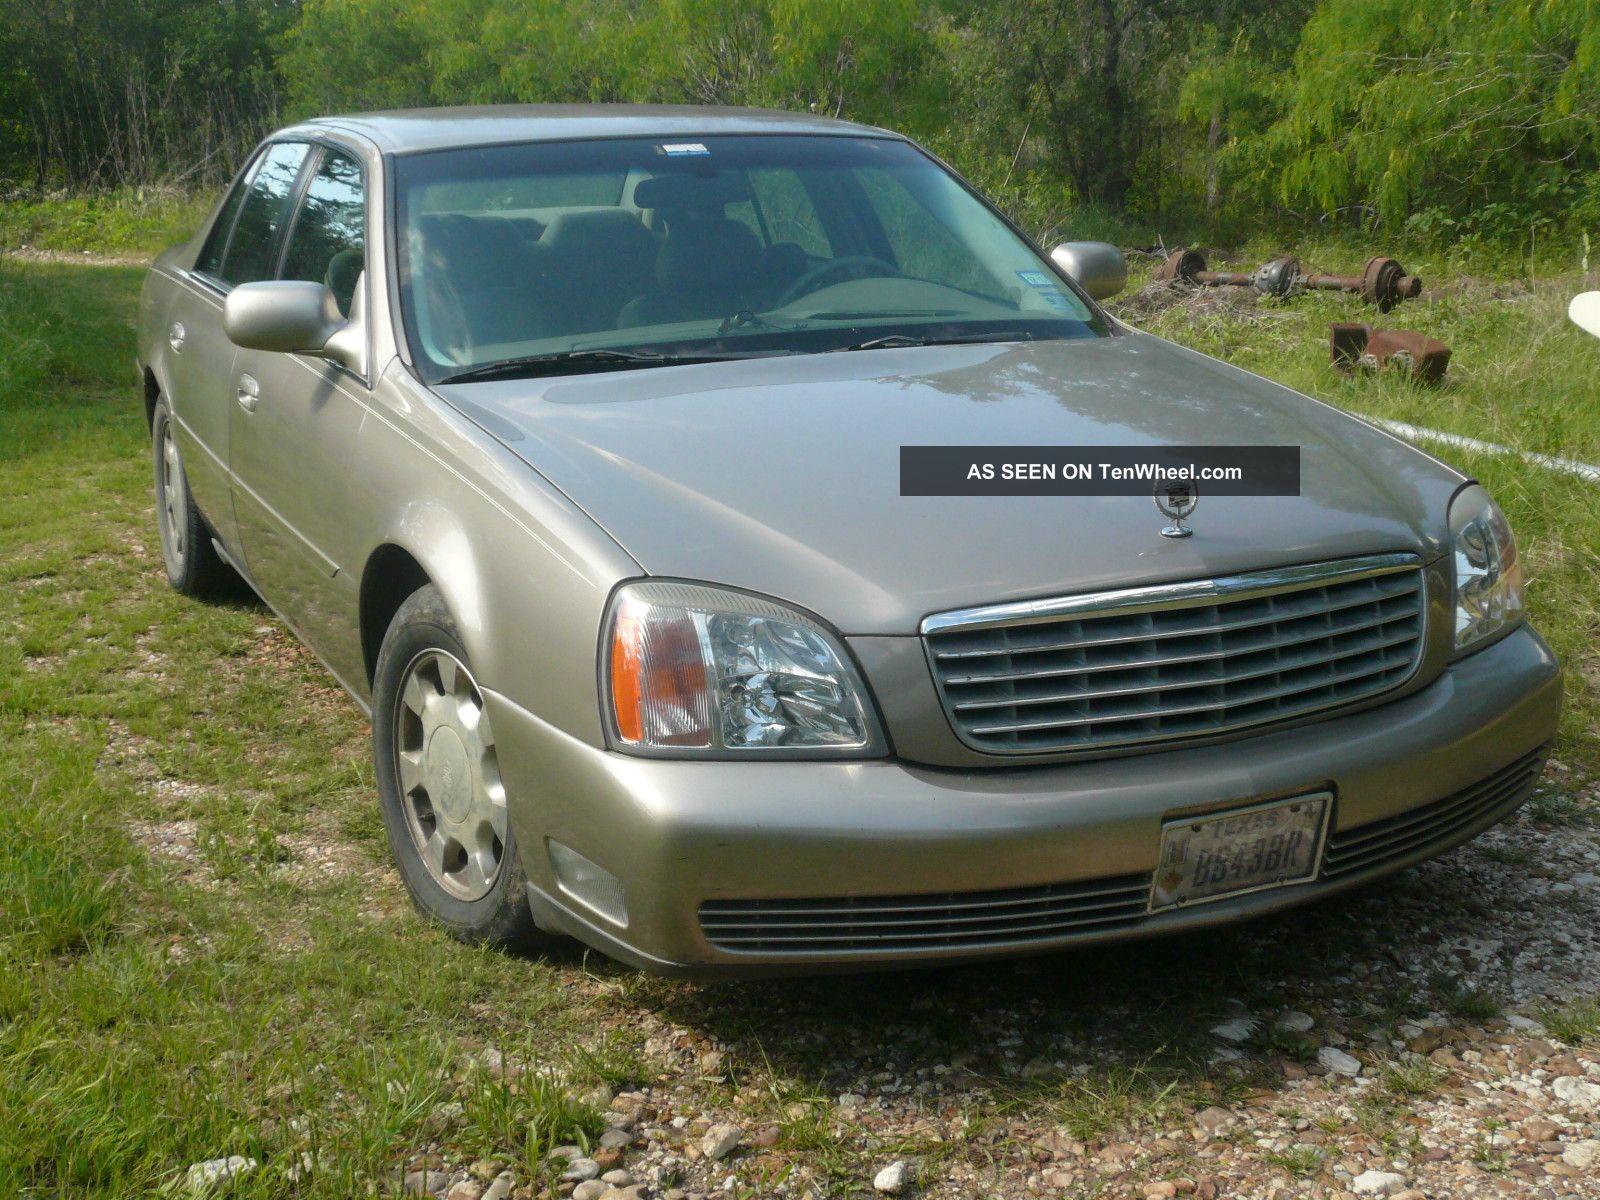 2000 Cadillac Deville DeVille photo